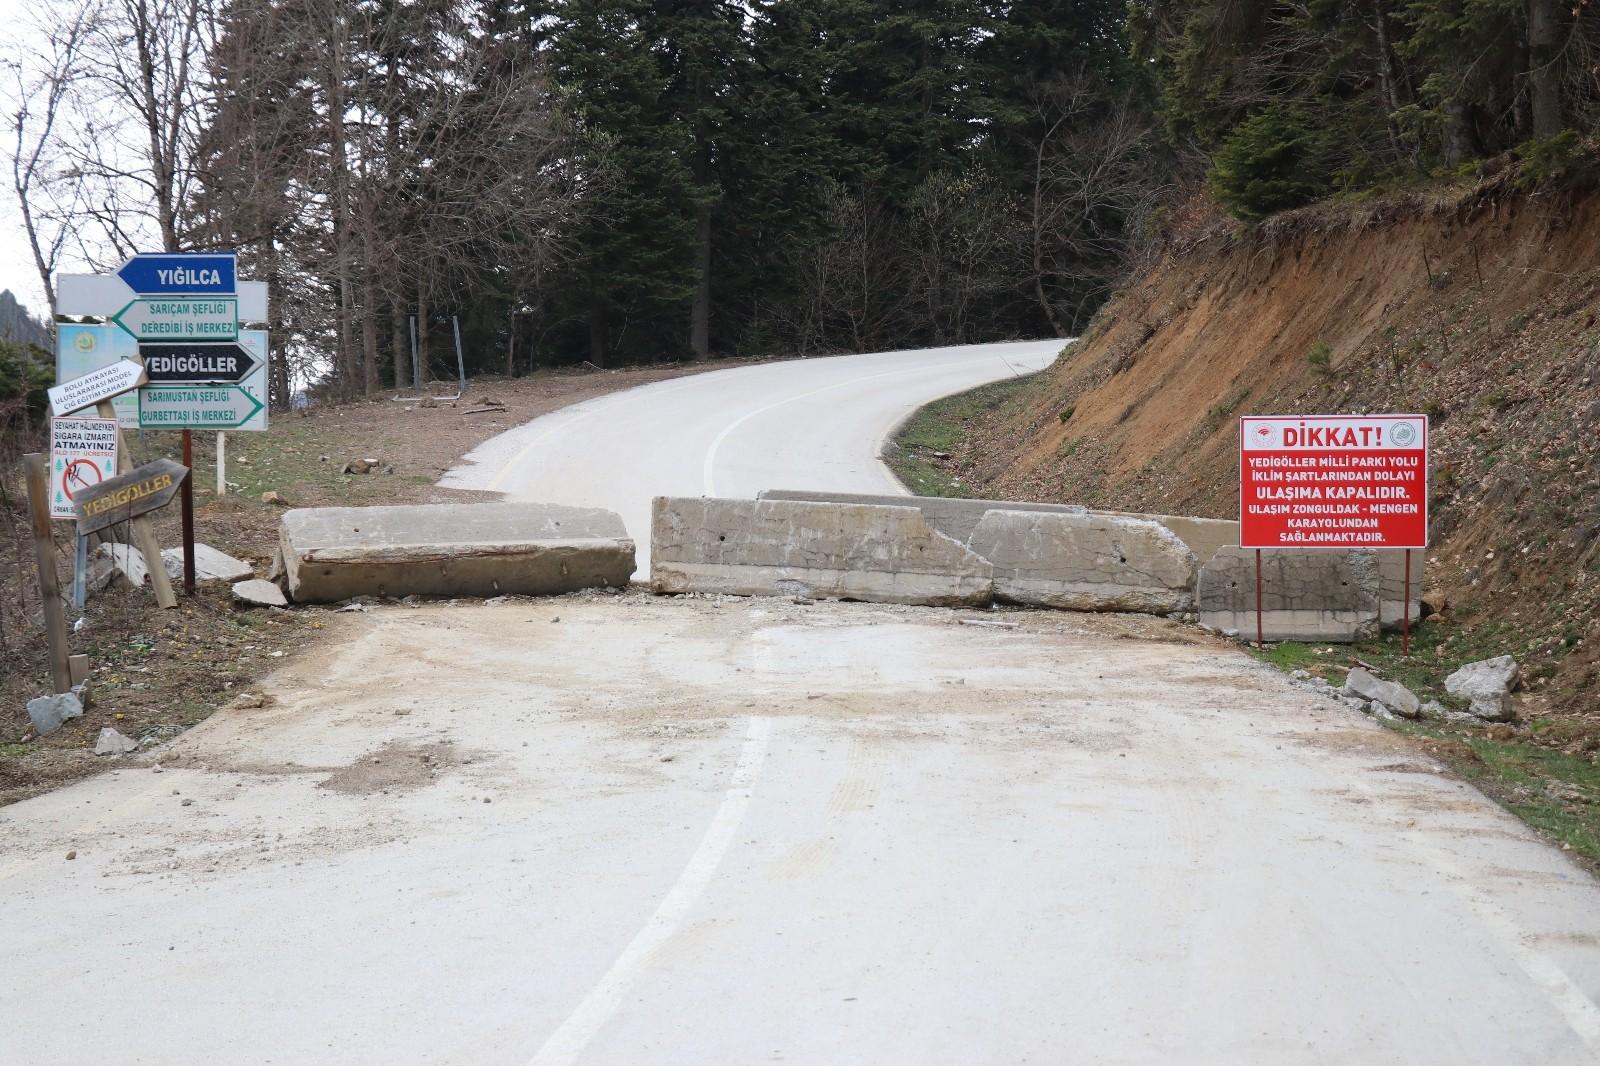 Önemli turizm merkezlerinden Yedigöller Milli Parkı yolu 4 aydır kapalı